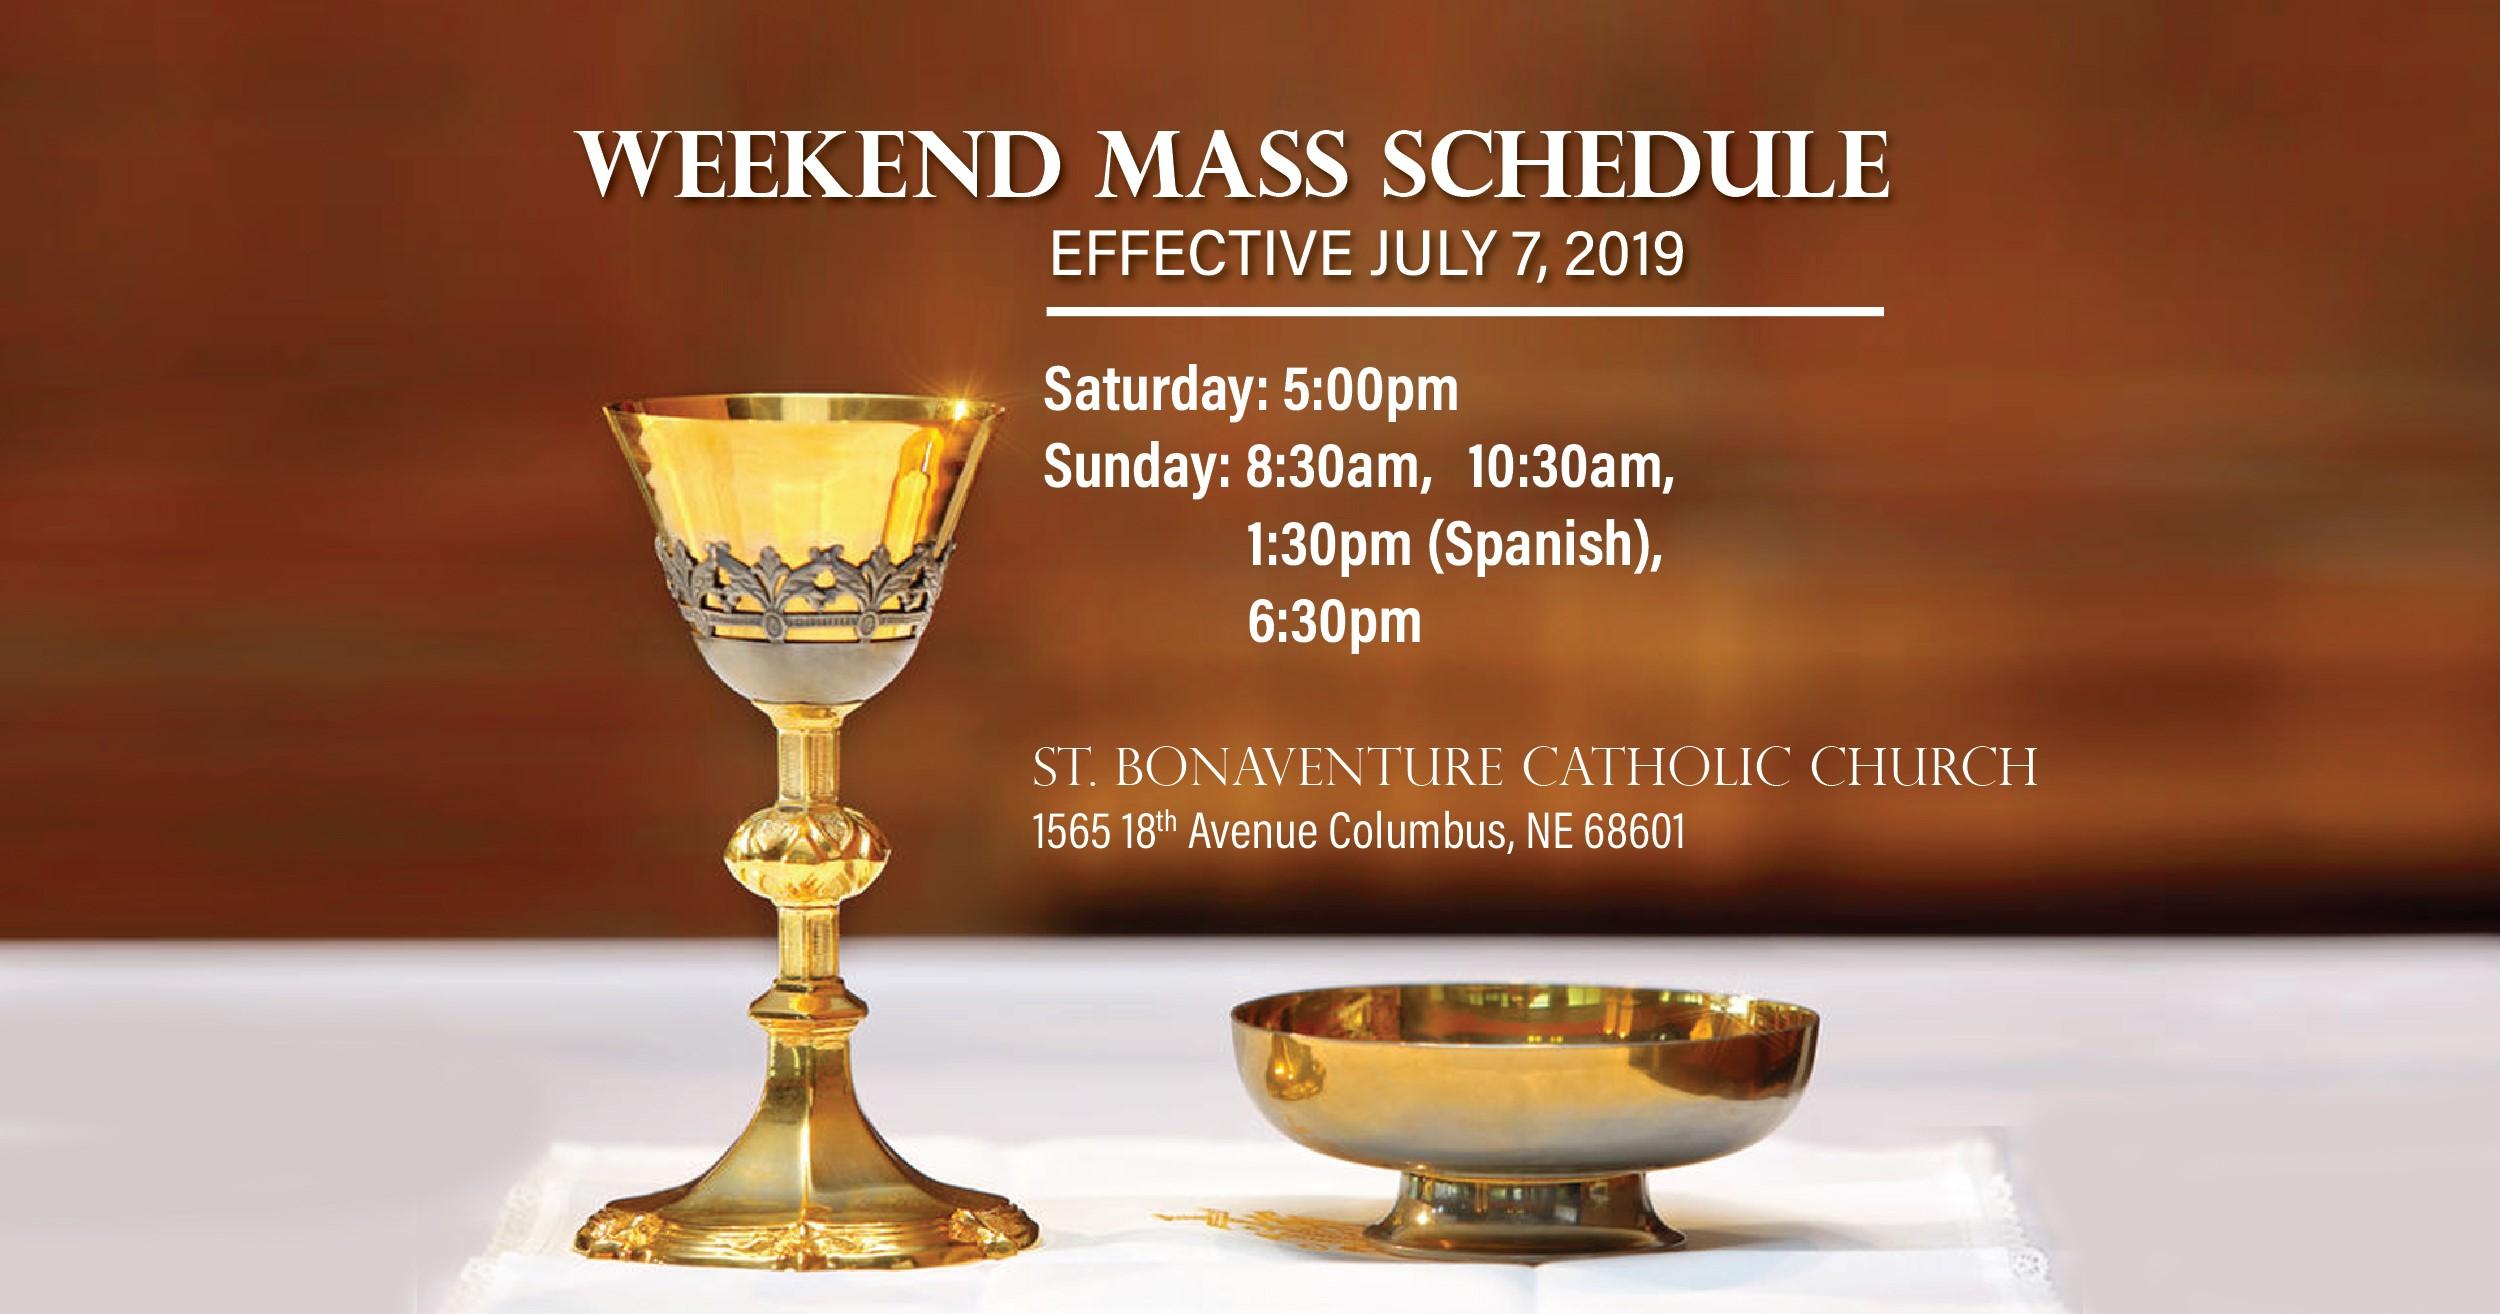 Parish Bulletins - Saint Bonaventure Catholic Church